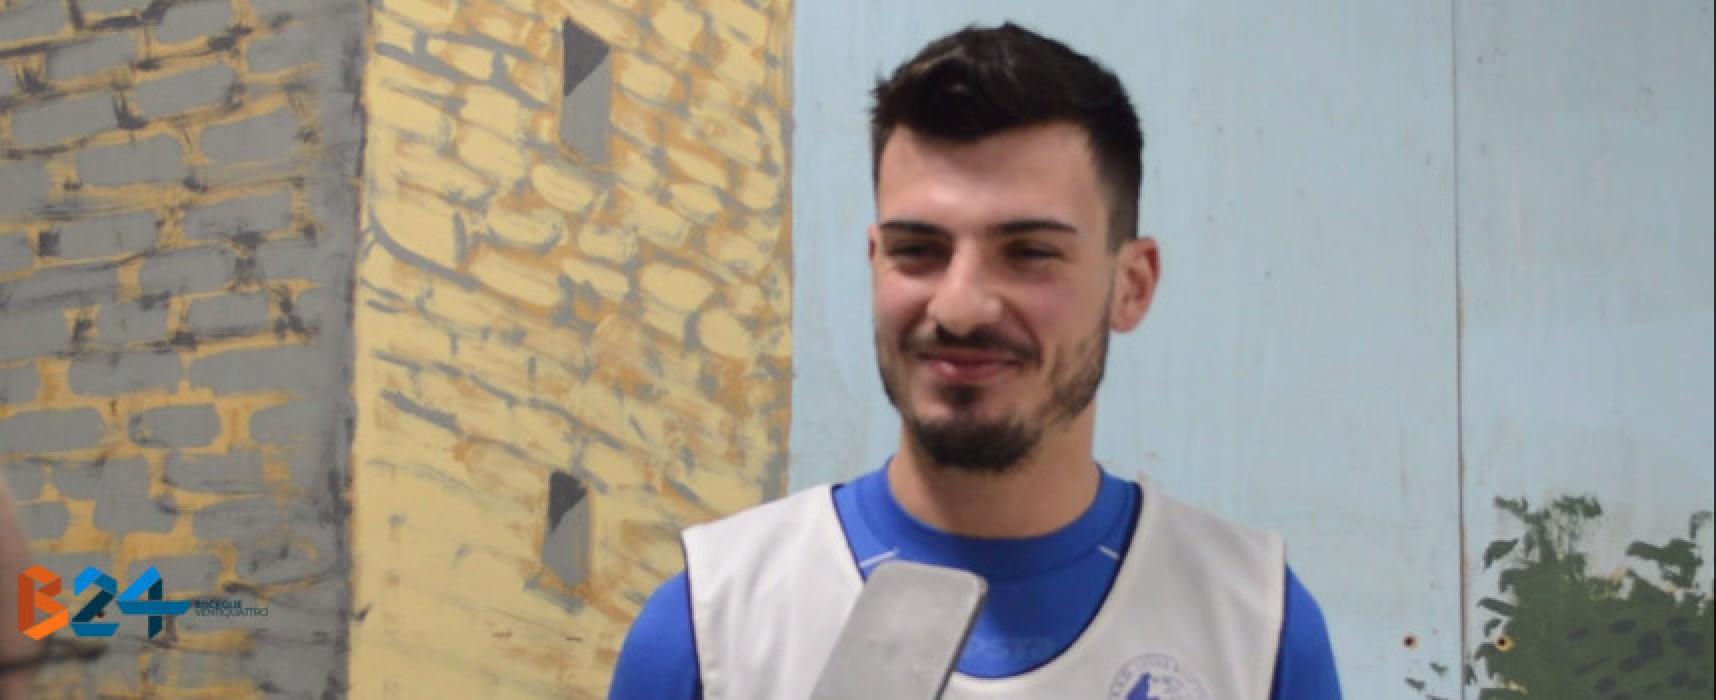 Lions basket Bisceglie, confermato Chiriatti. Si delinea il prossimo girone D della serie B